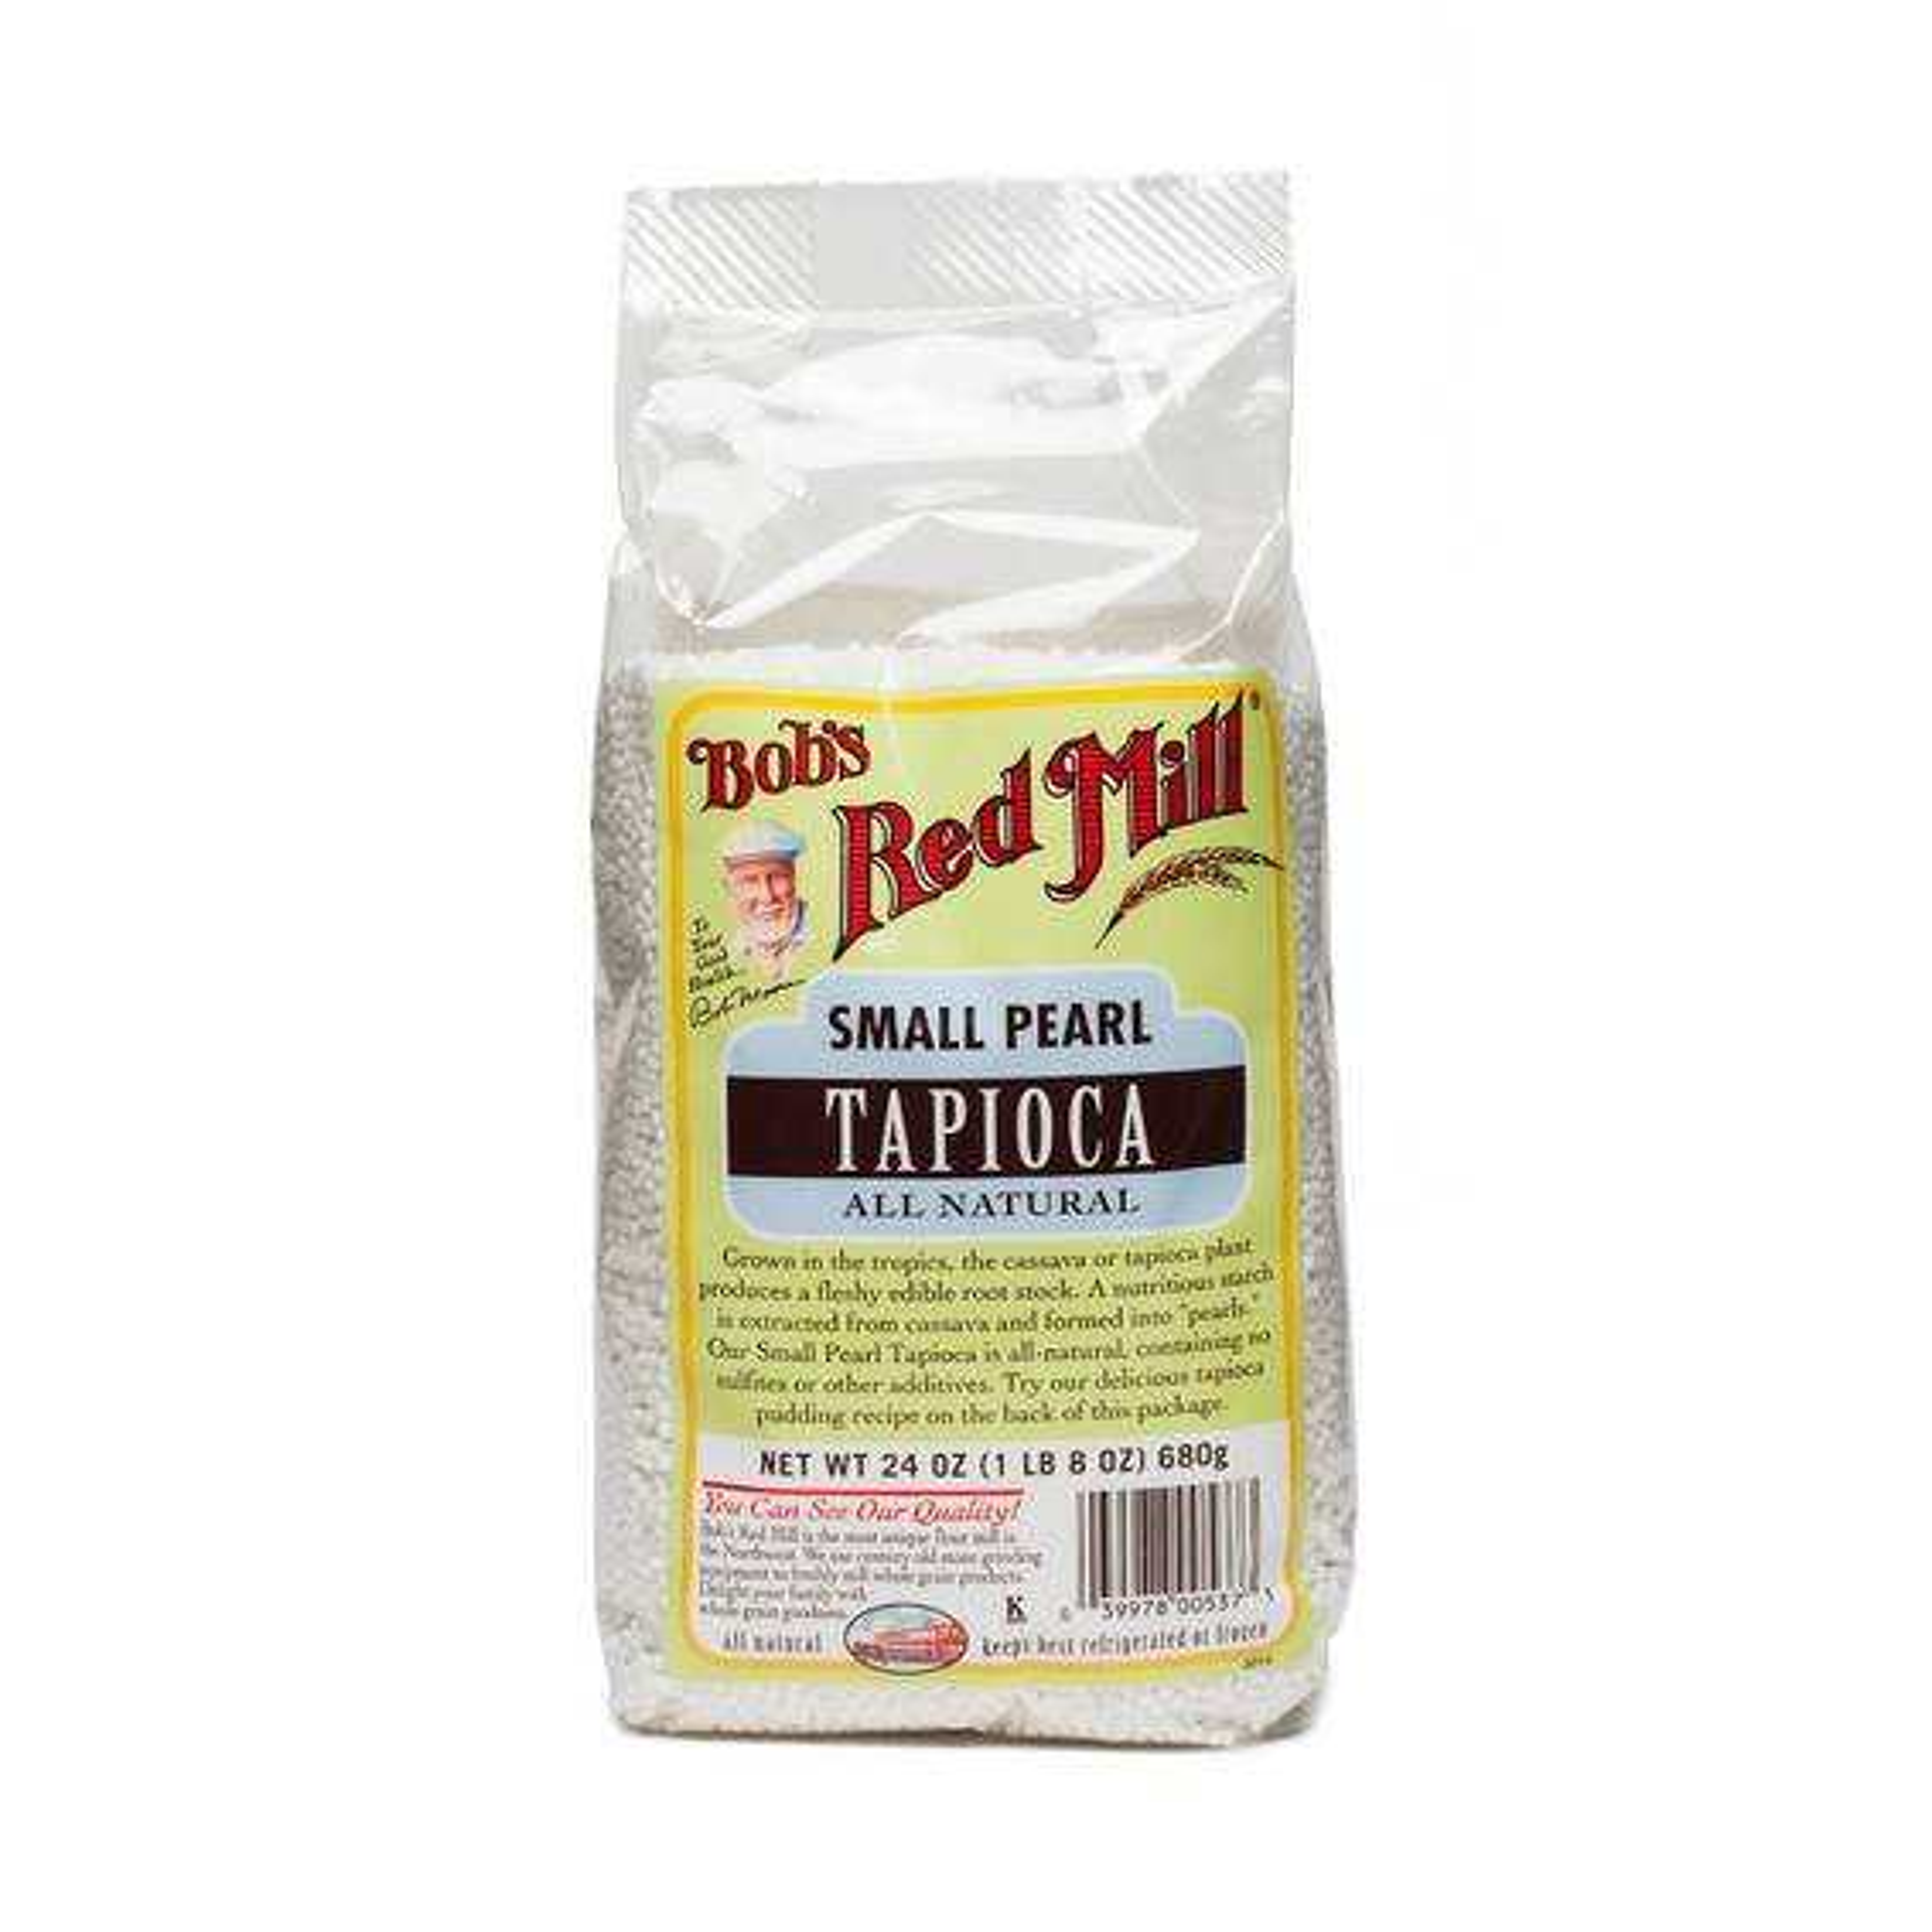 Small Pearl Tapioca